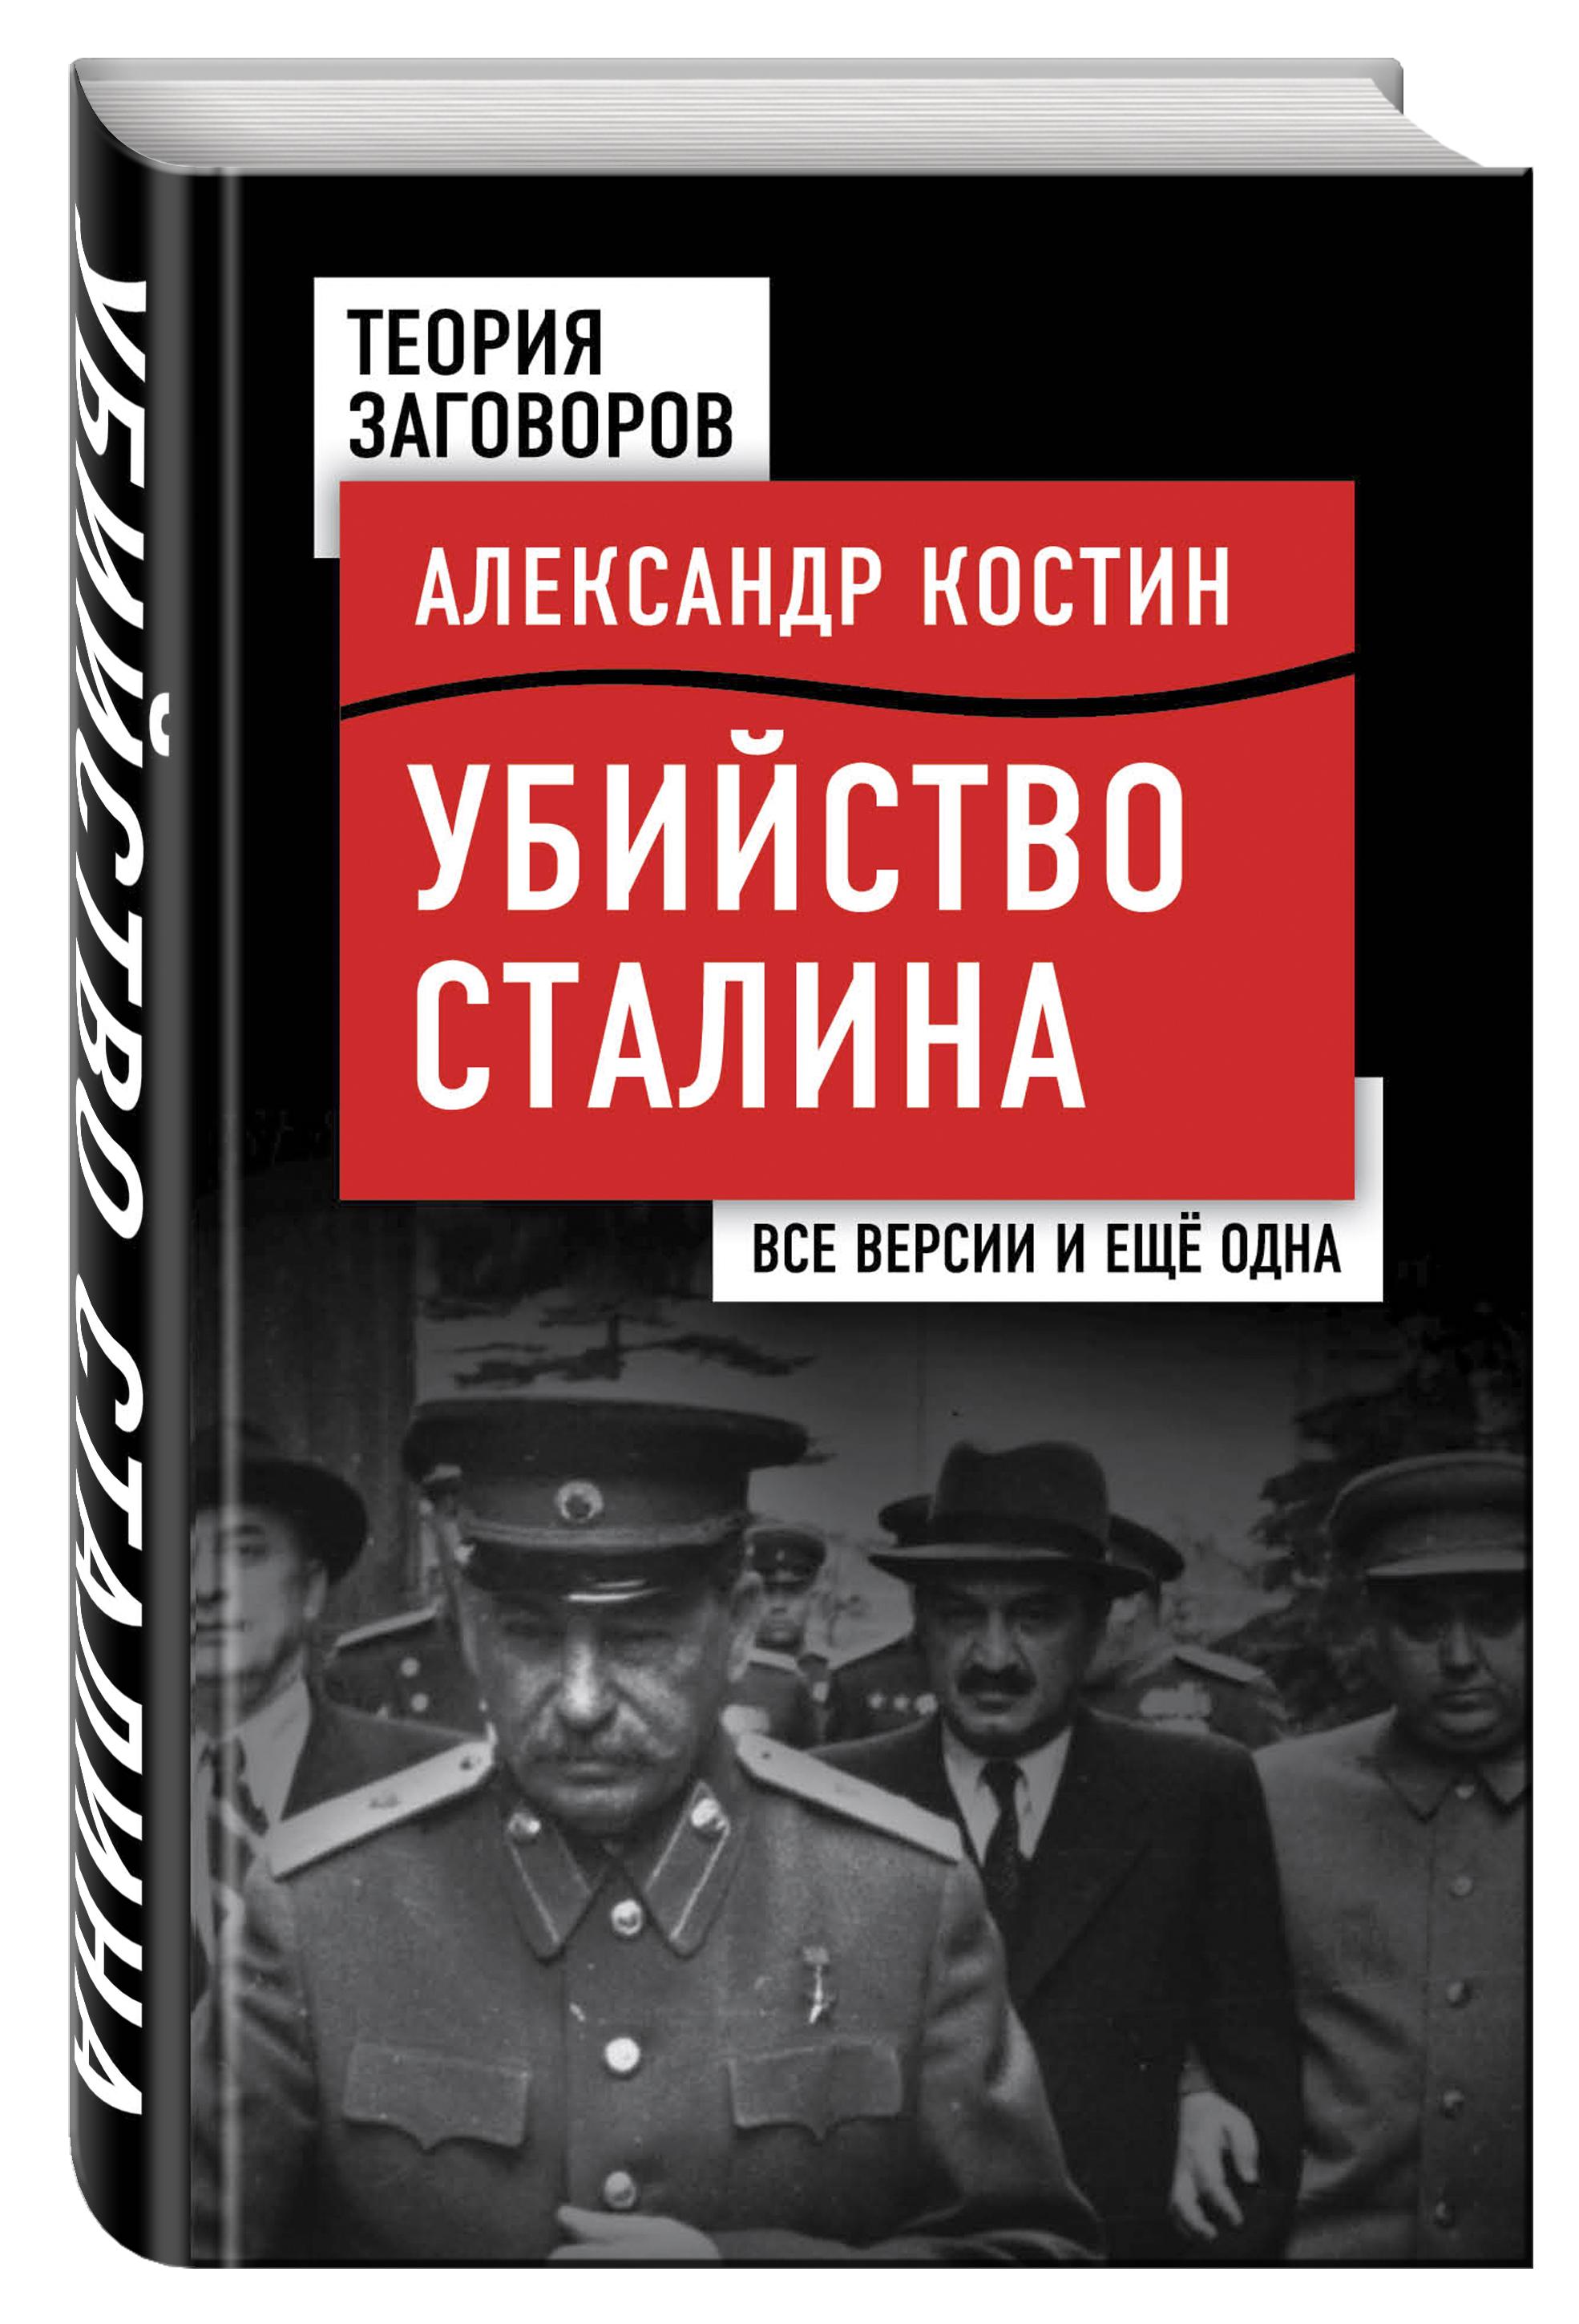 Костин А.Л. Убийство Сталина. Все версии и еще одна убийство сталина все версии и еще одна